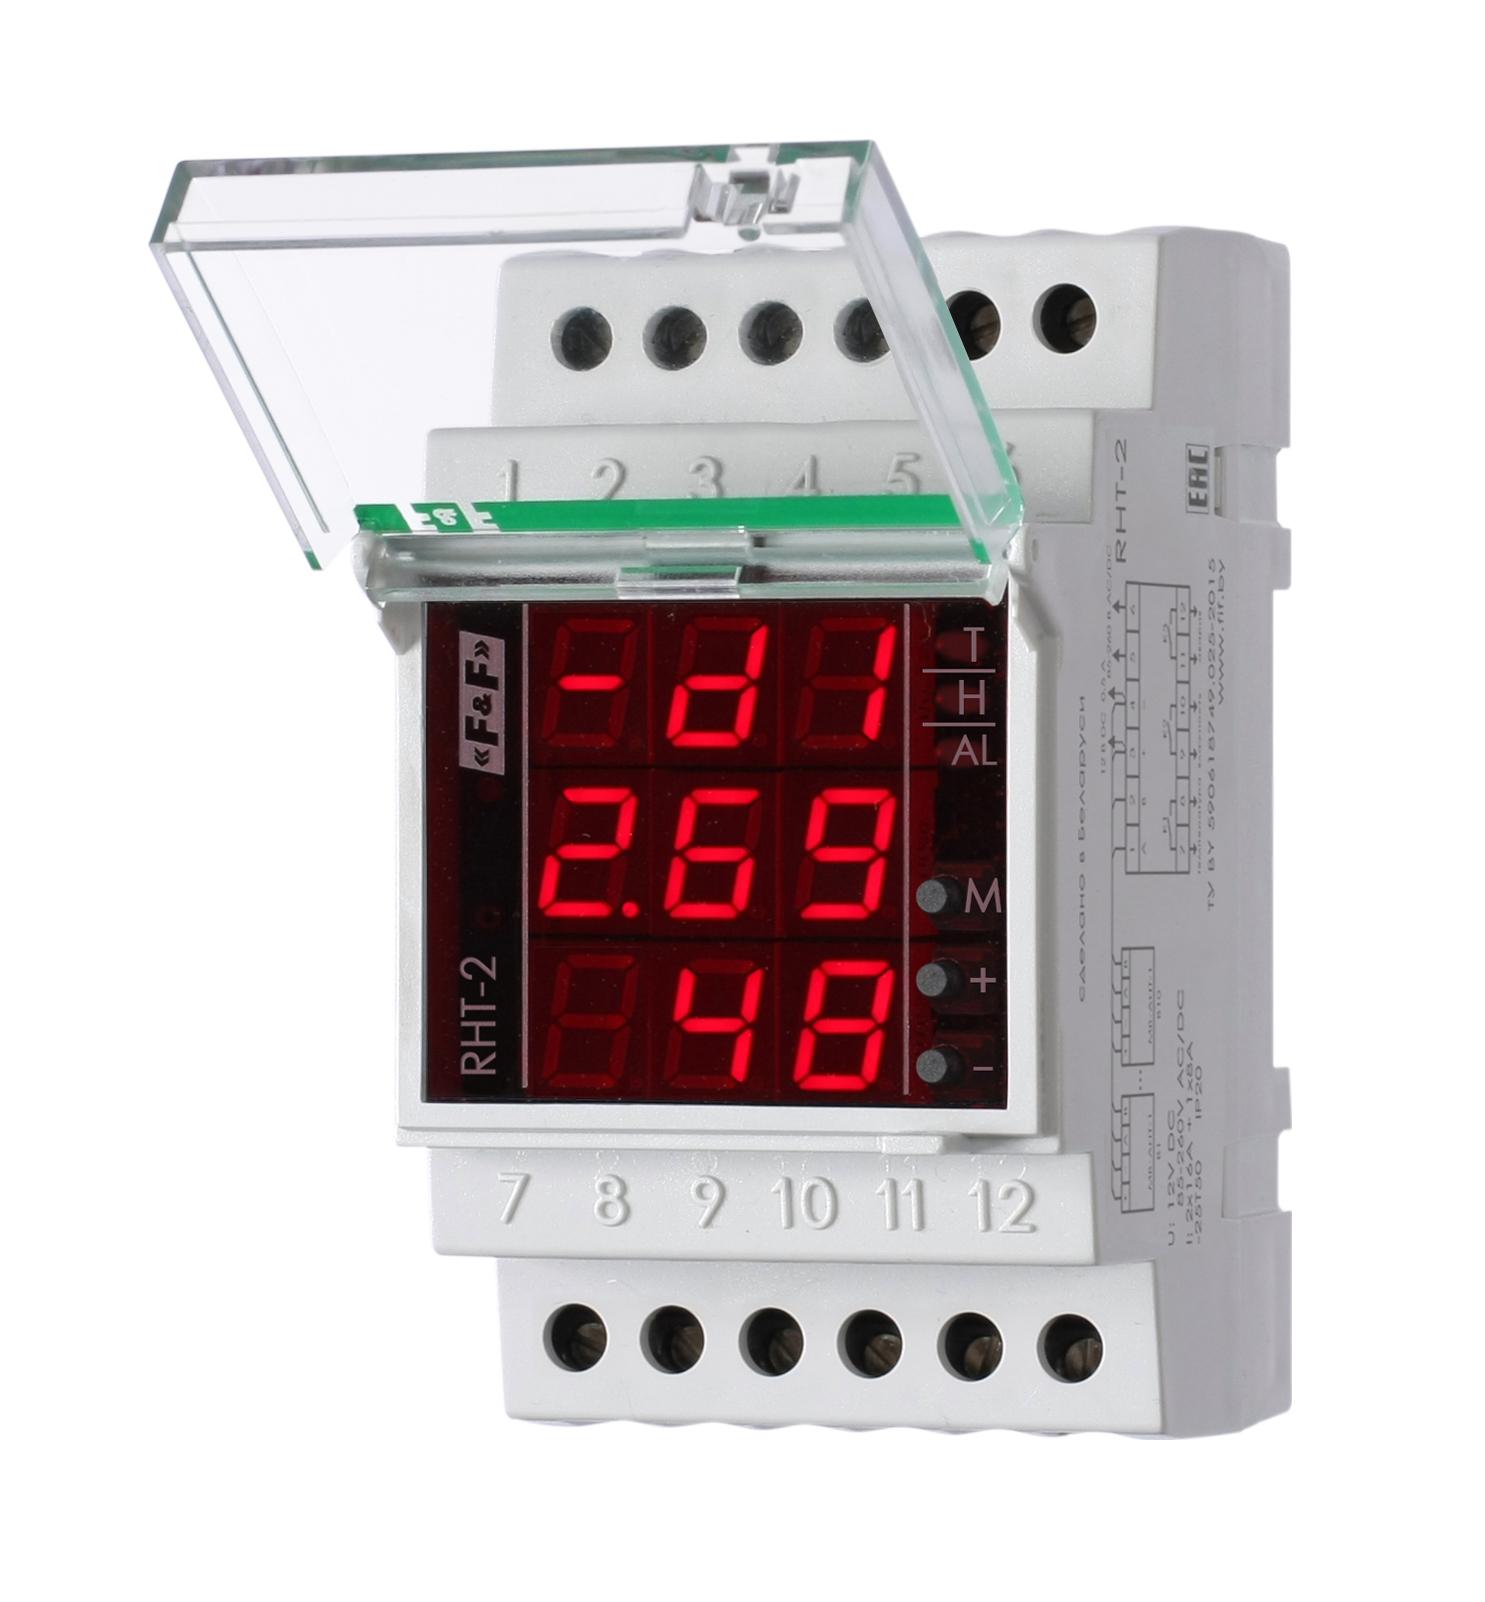 Новое реле контроля влажности и температуры RHT-2